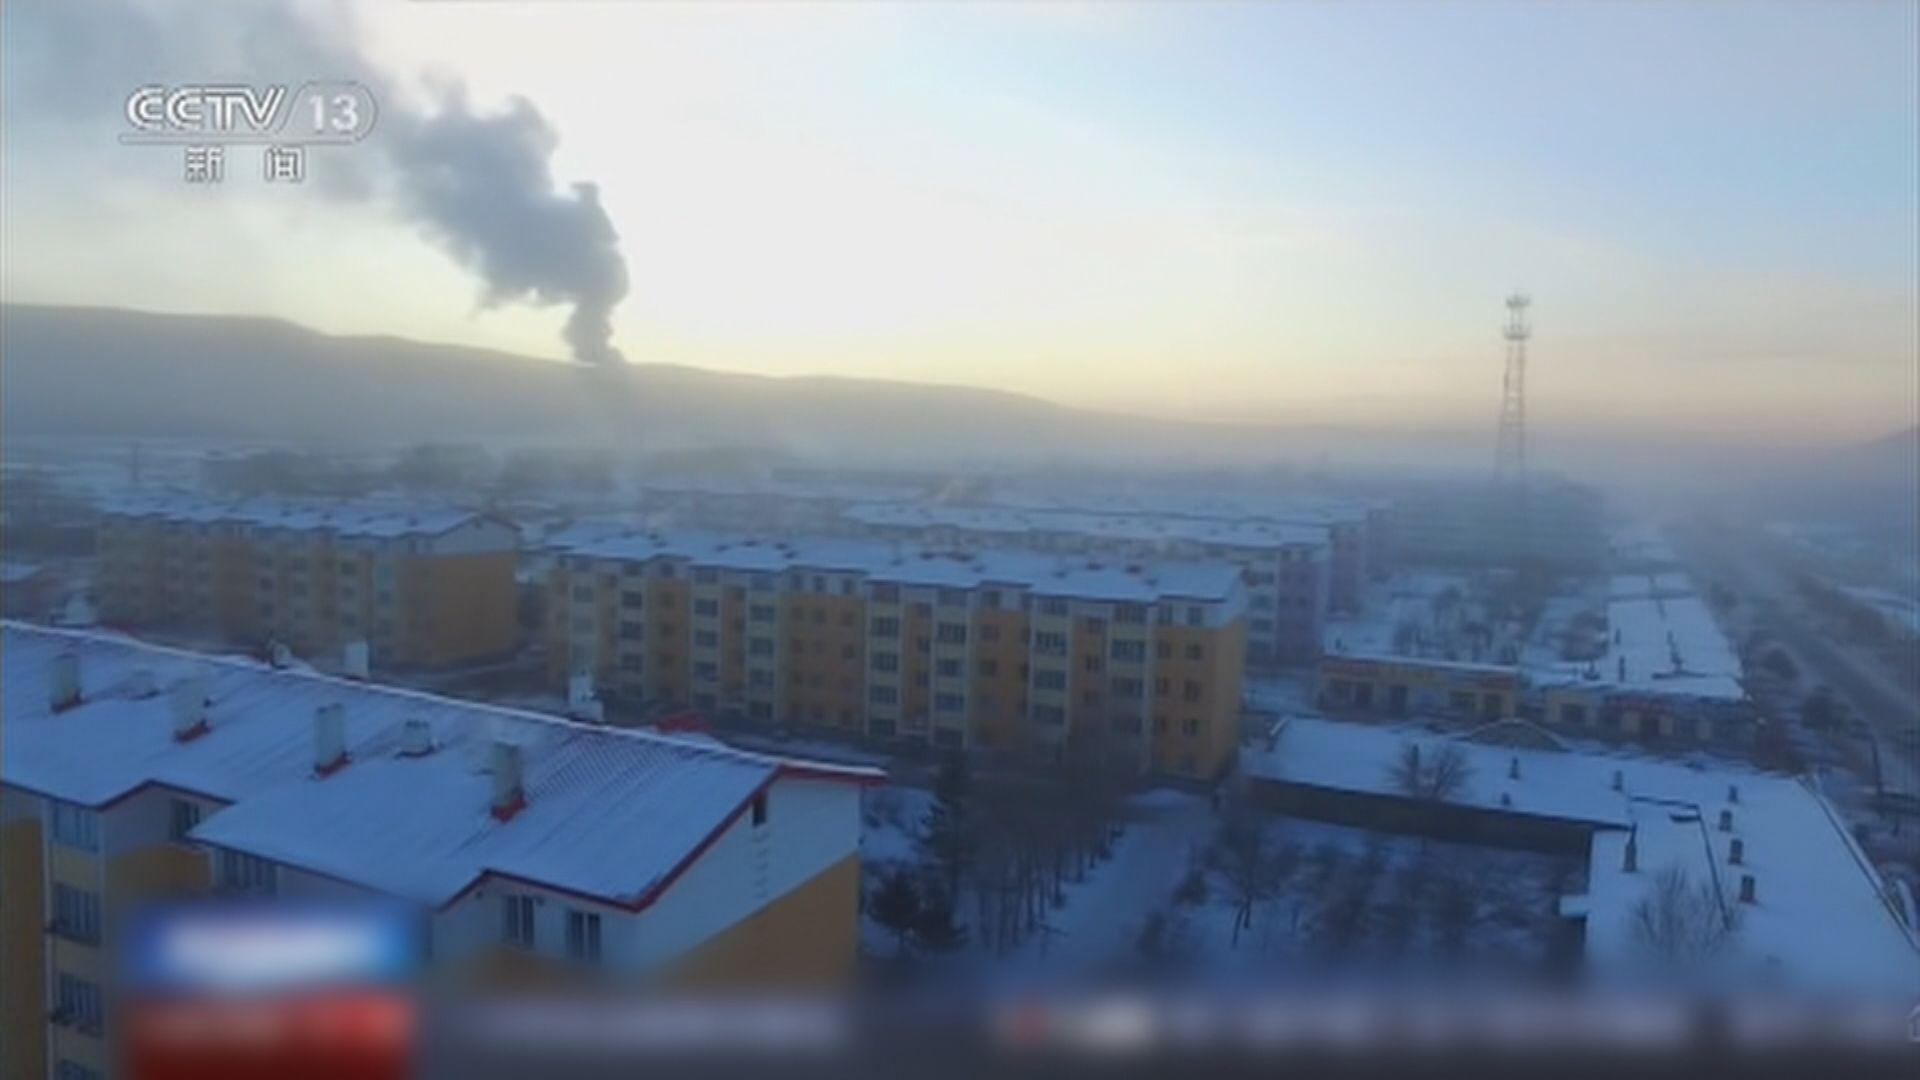 嚴重寒流侵襲內地北部地區 民眾擔心加劇電力供應緊張